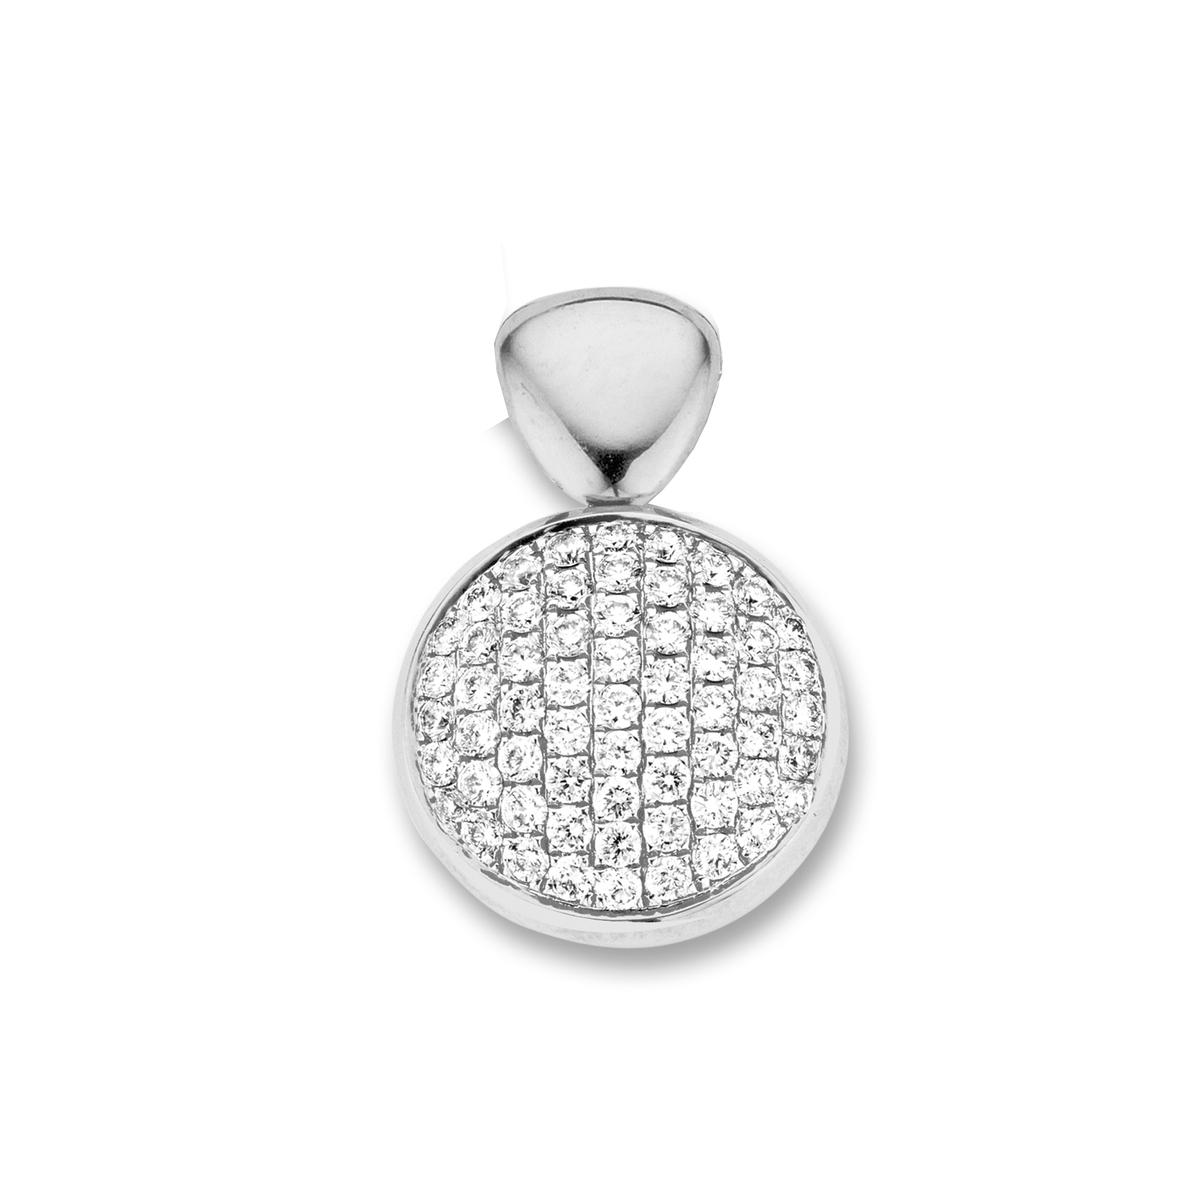 vulsini pendant in white gold